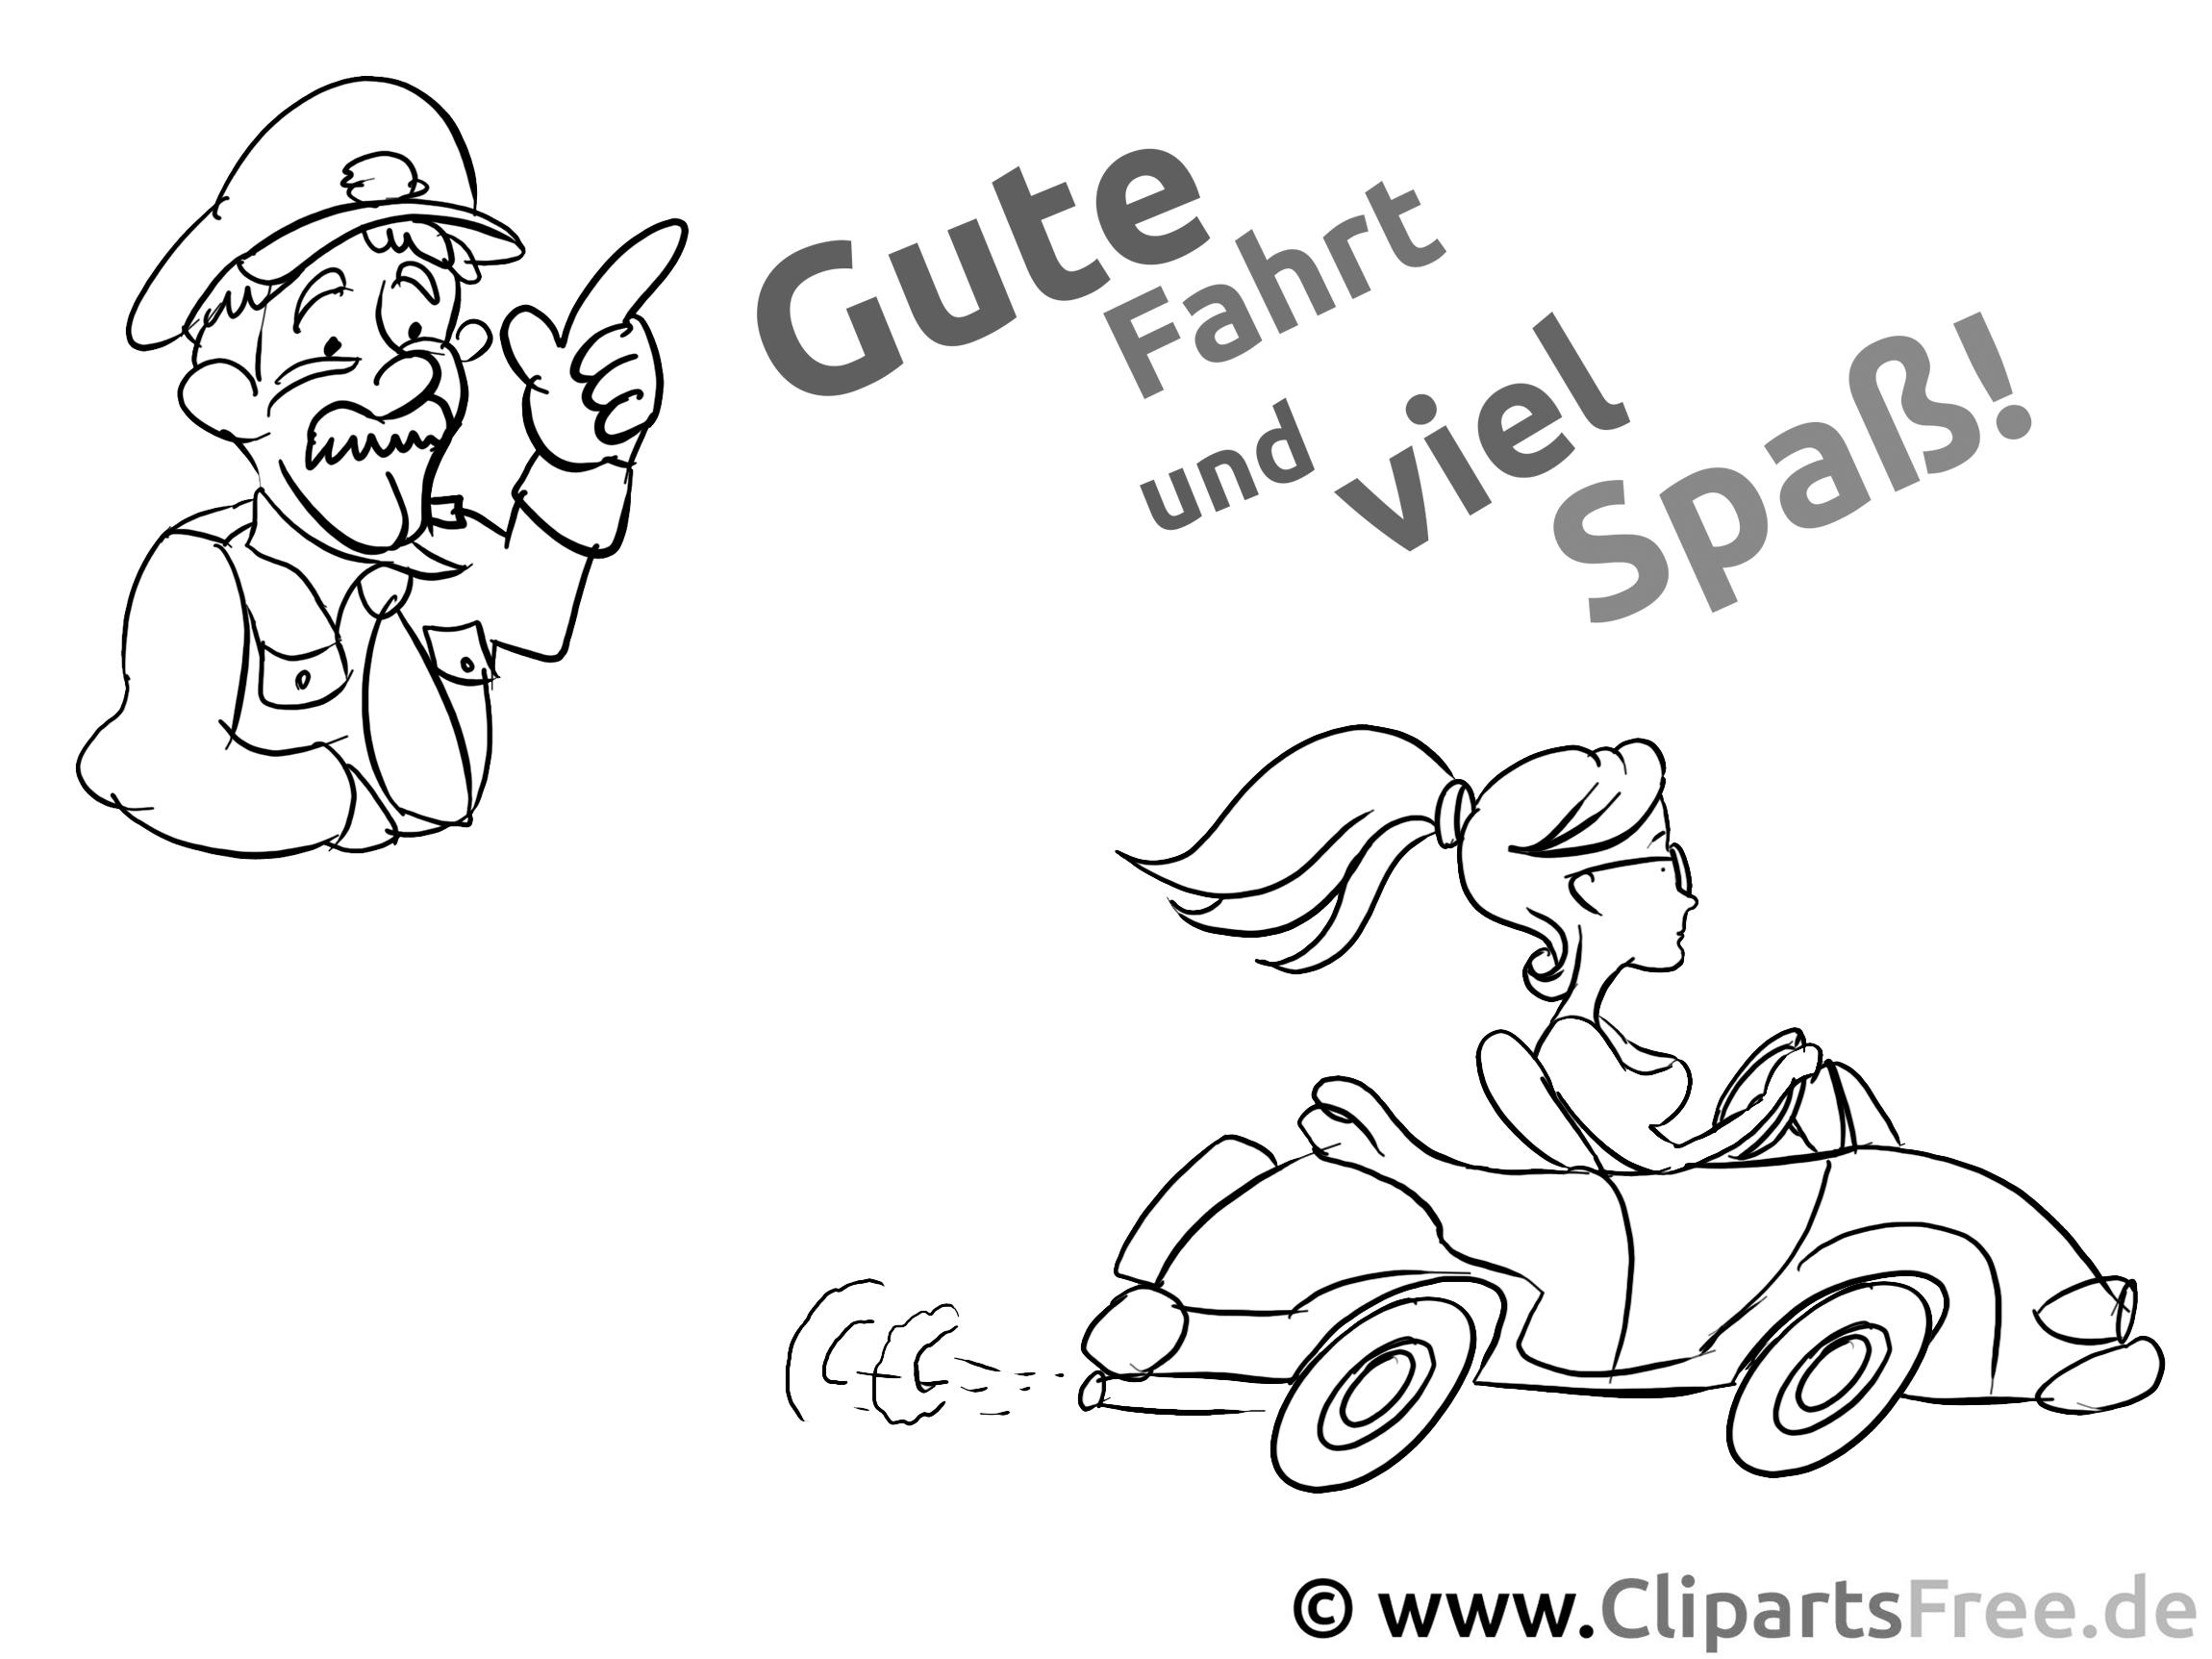 Führerschein Bild zum Ausmalen - Wandschablone zum Ausdrucken